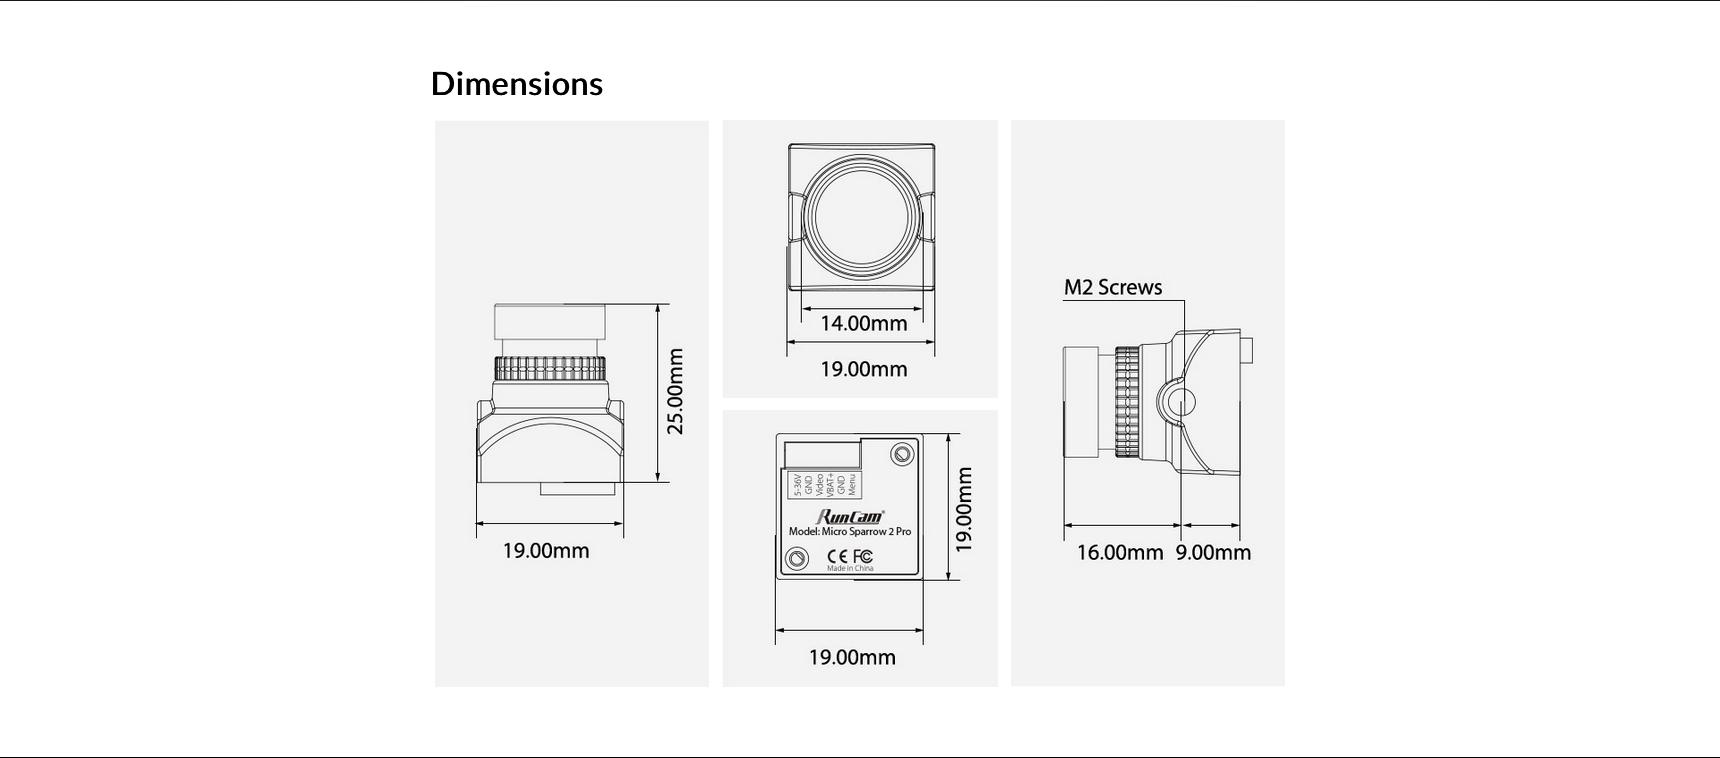 runcam-microw-sparrow-2-pro-5.png